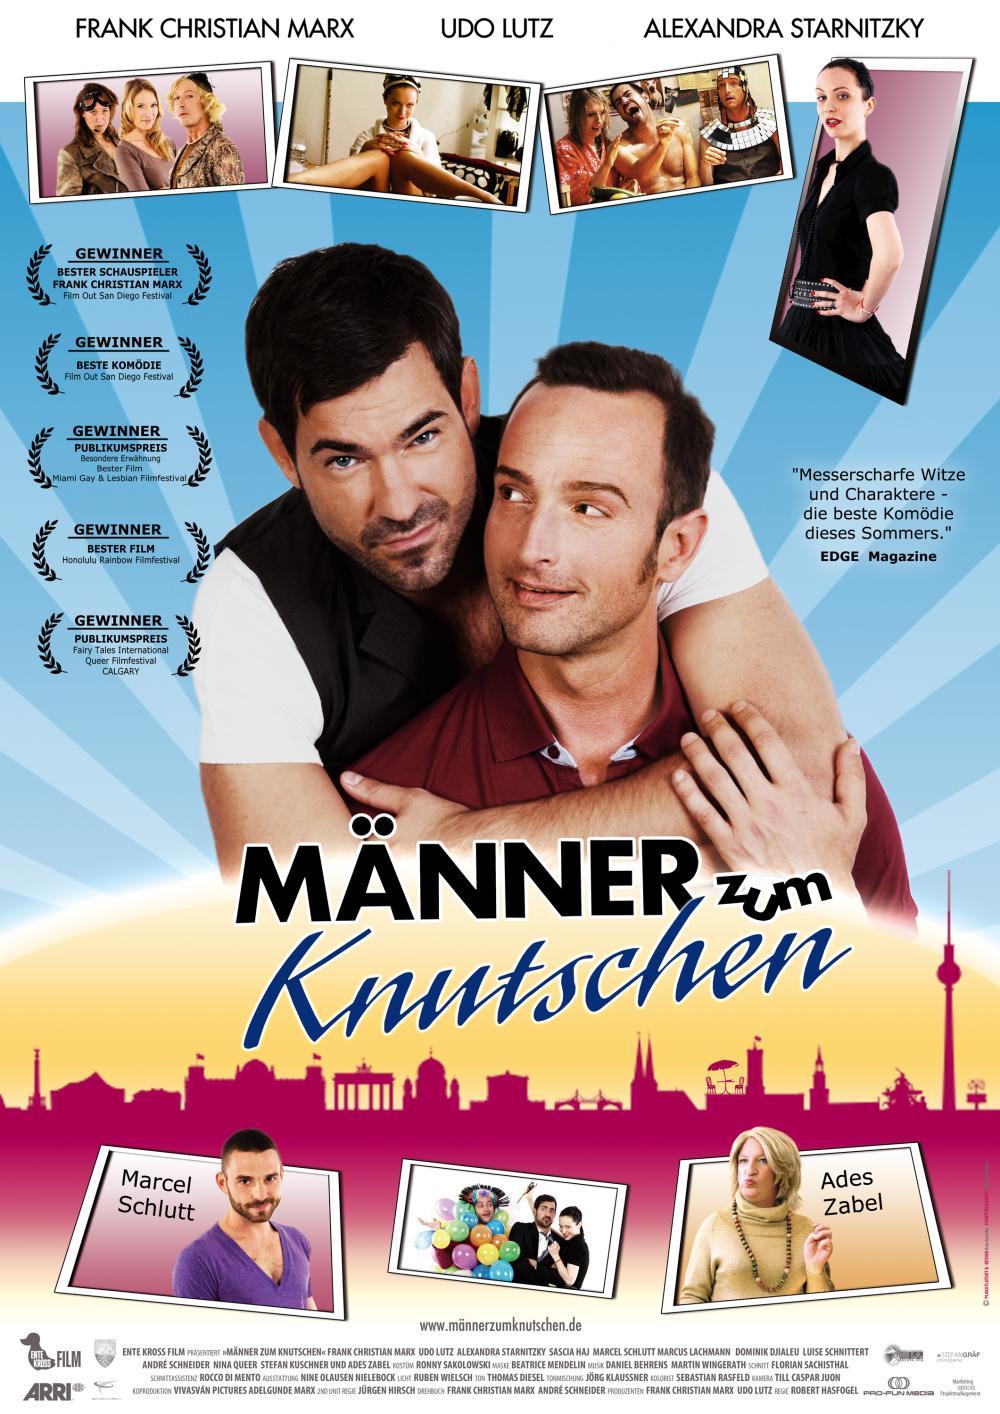 Männer zum Knutschen - Film